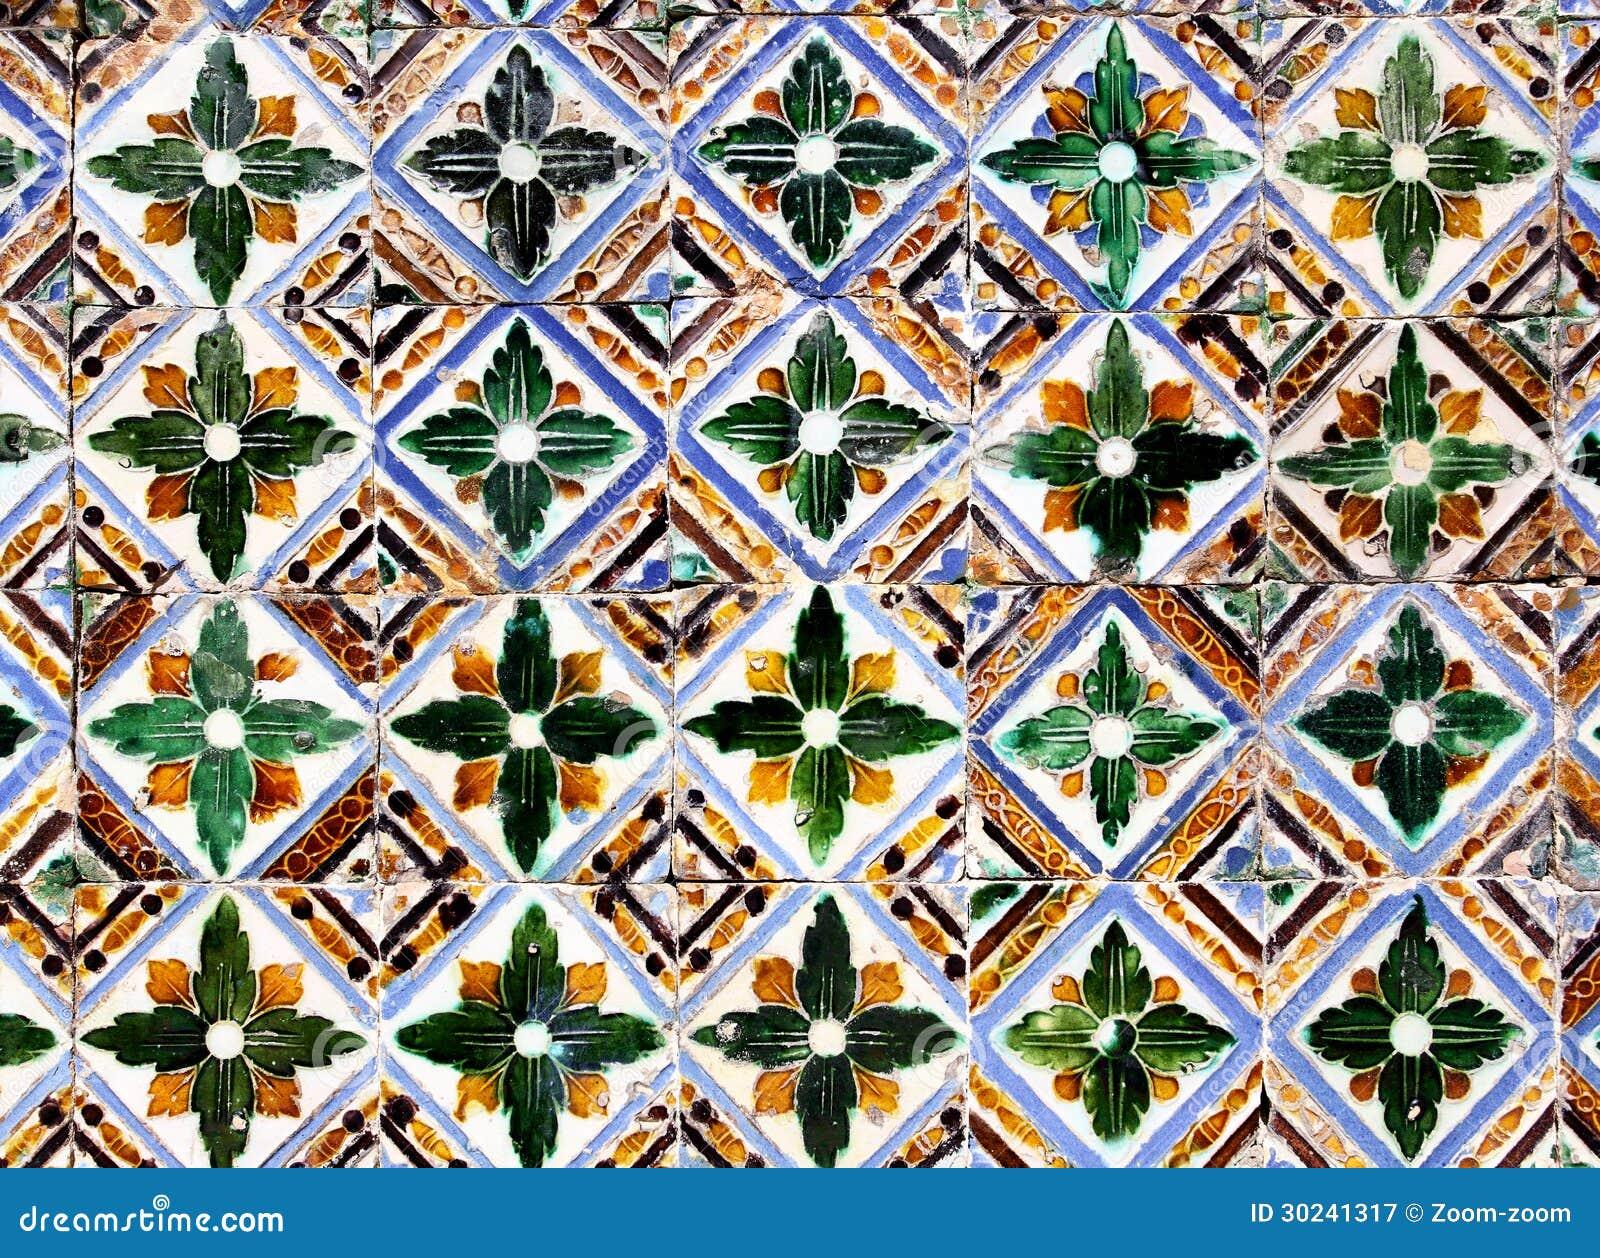 Piastrelle di ceramica di moresco fotografia stock libera - Produzione piastrelle ceramica ...